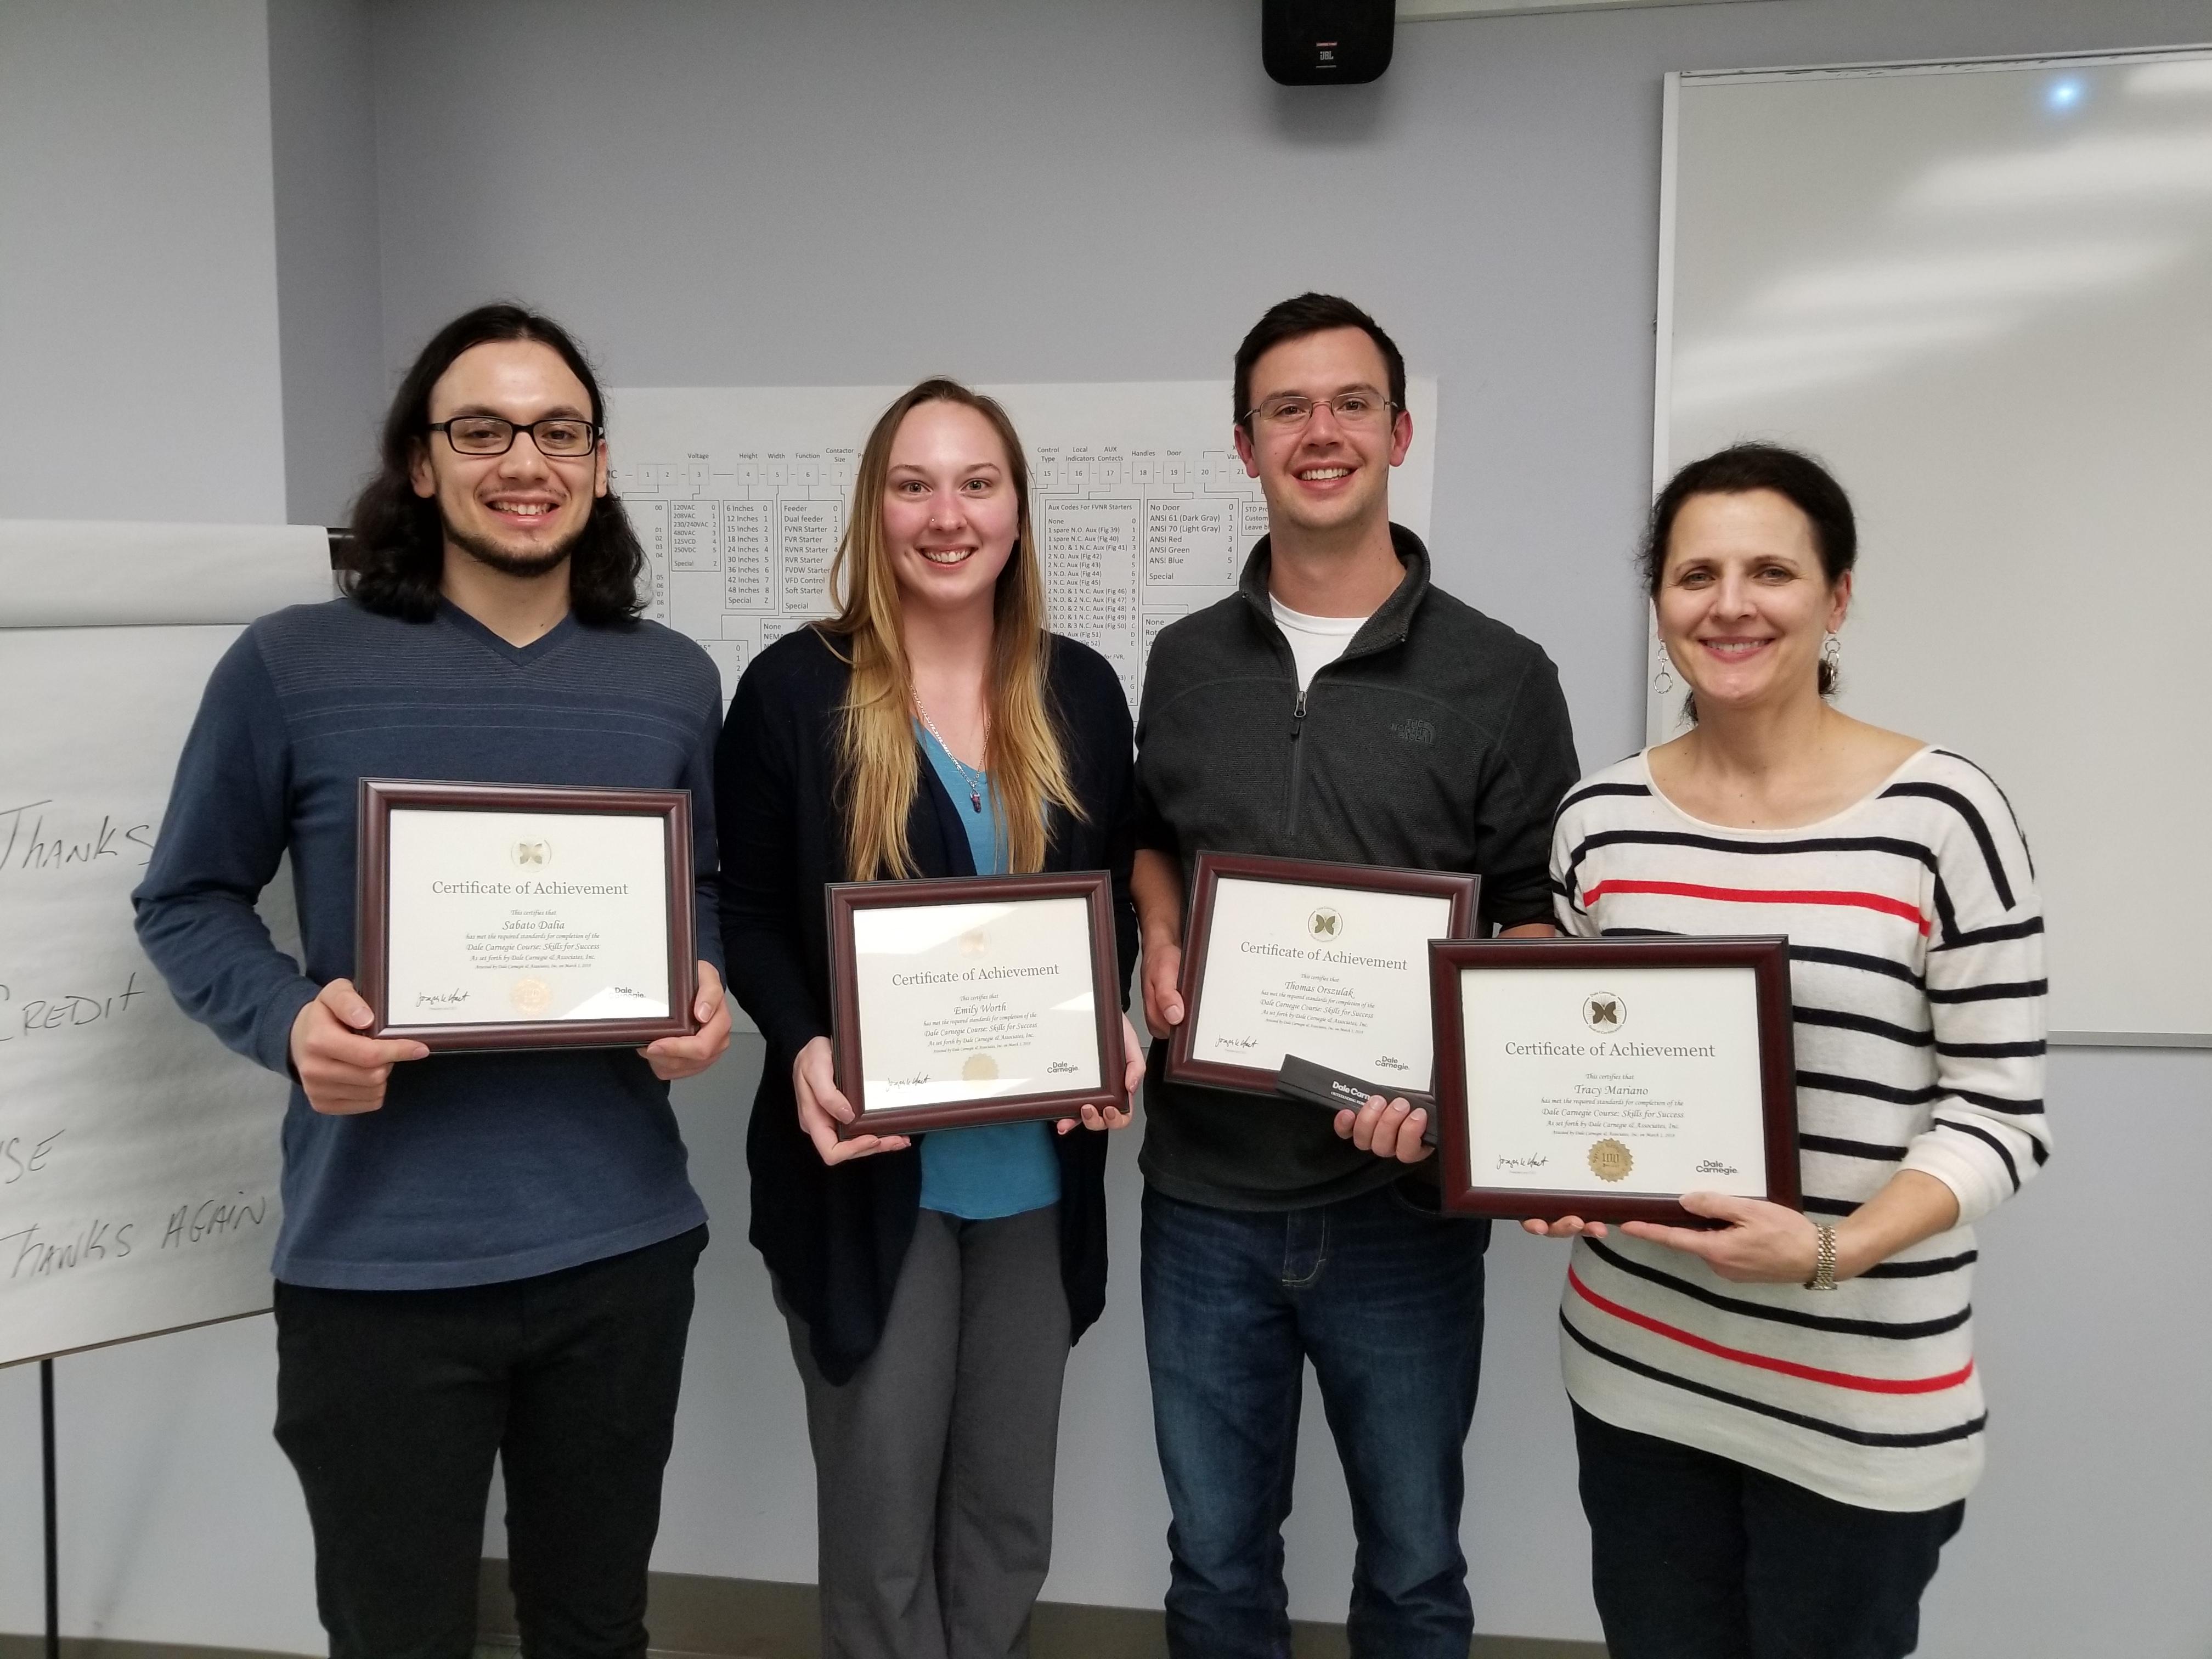 Newsflash Week 2018.02.26 Dale Carnegie Grads